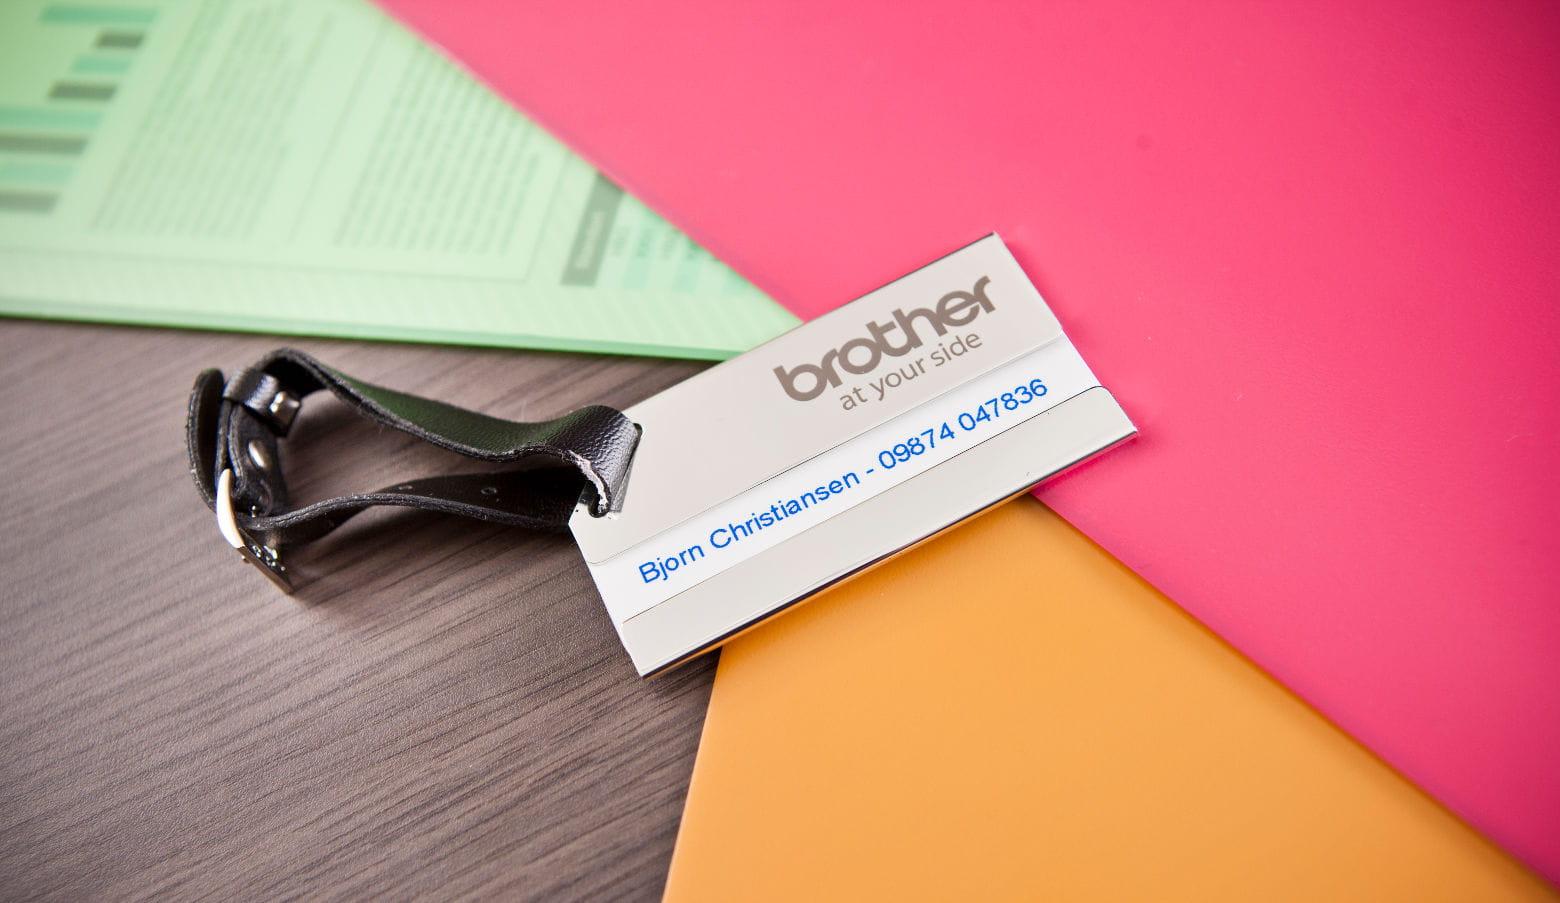 Etiqueta para control de acceso sobre carpetas de colores